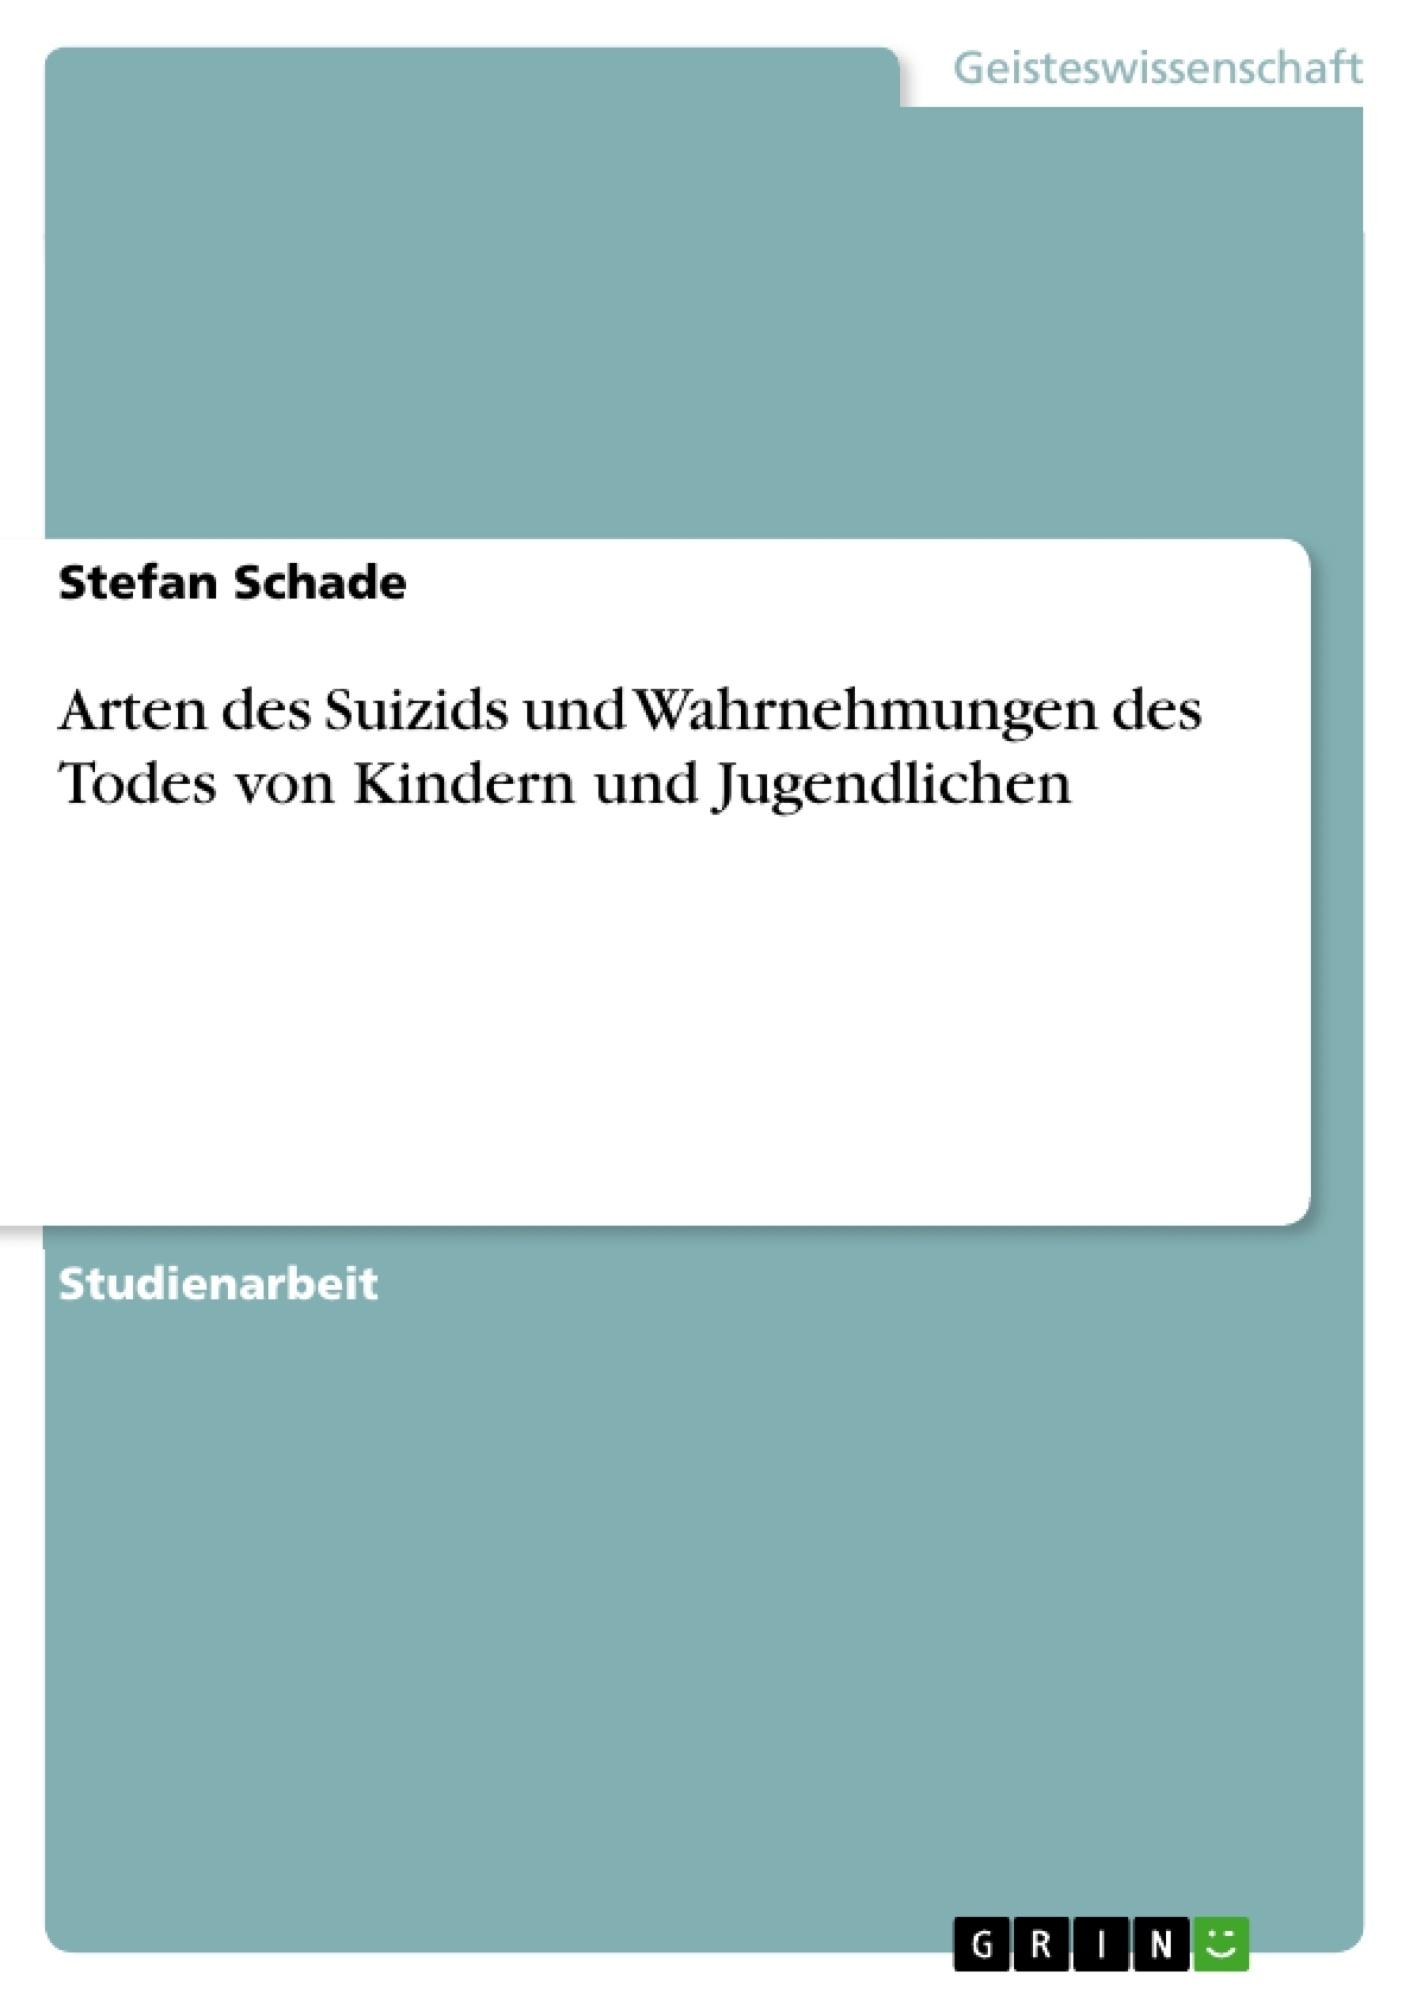 Titel: Arten des Suizids und Wahrnehmungen des Todes von Kindern und Jugendlichen